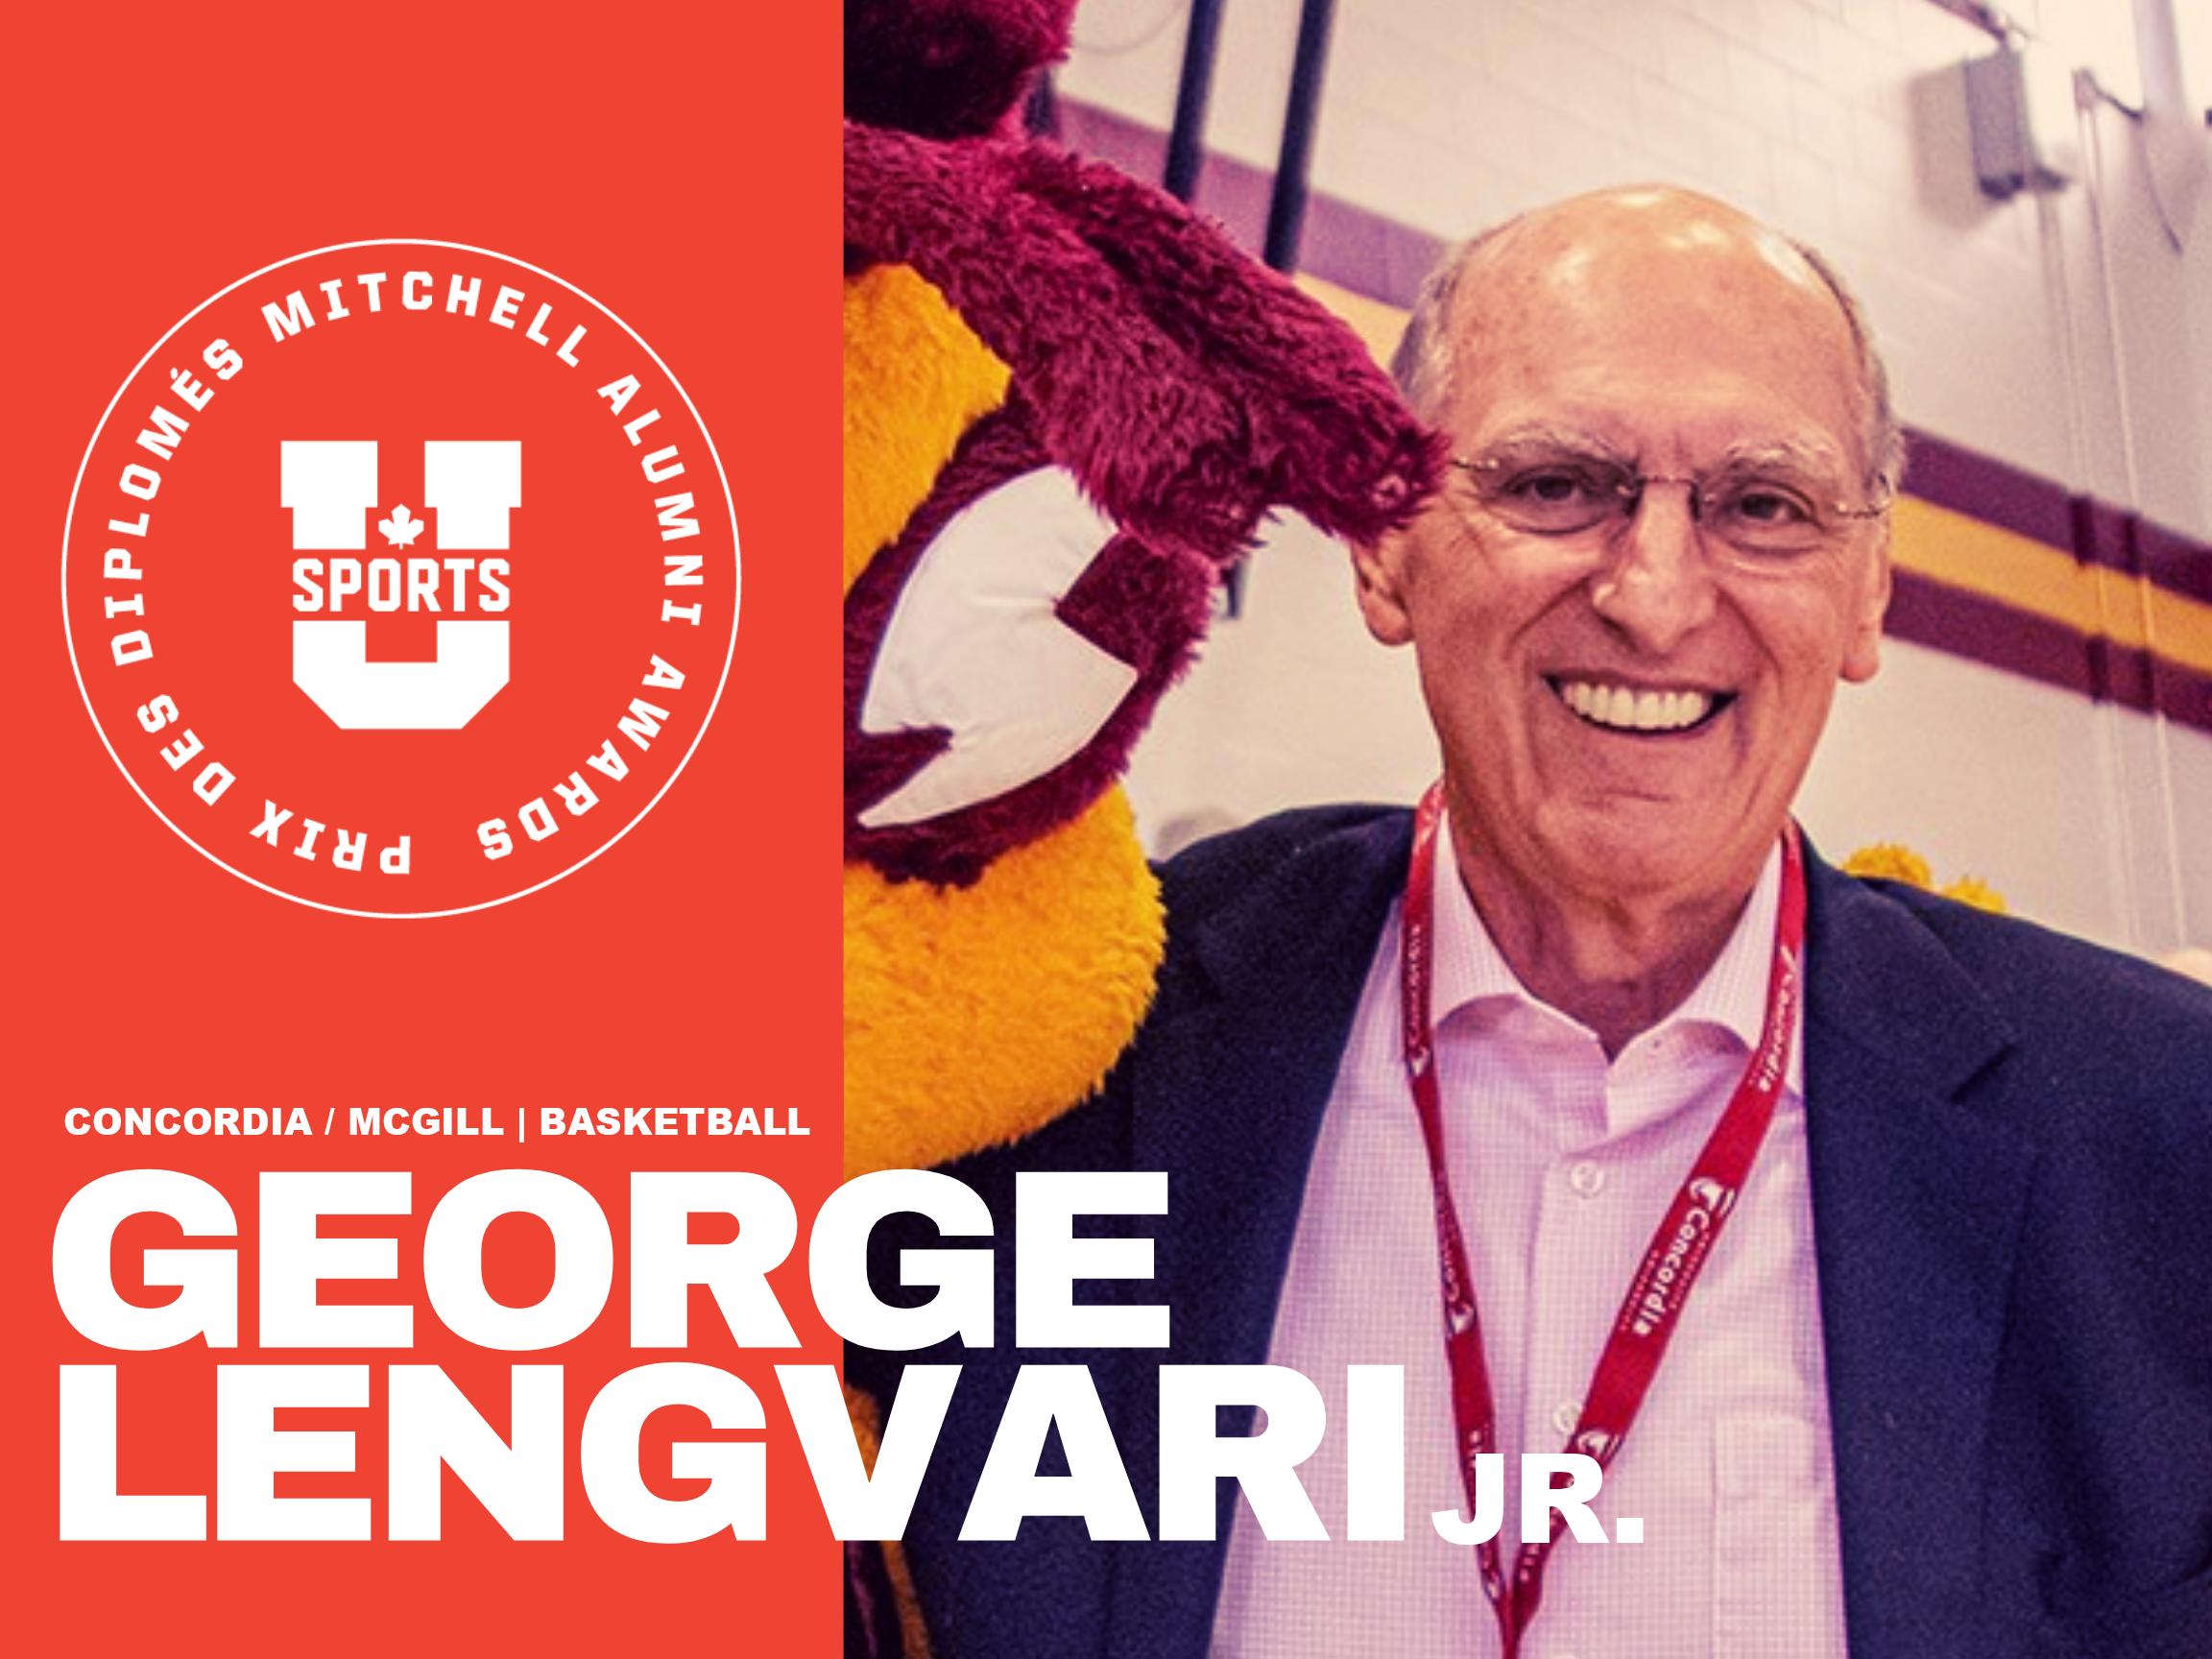 George-Lengvari-Jr.png (3.20 MB)